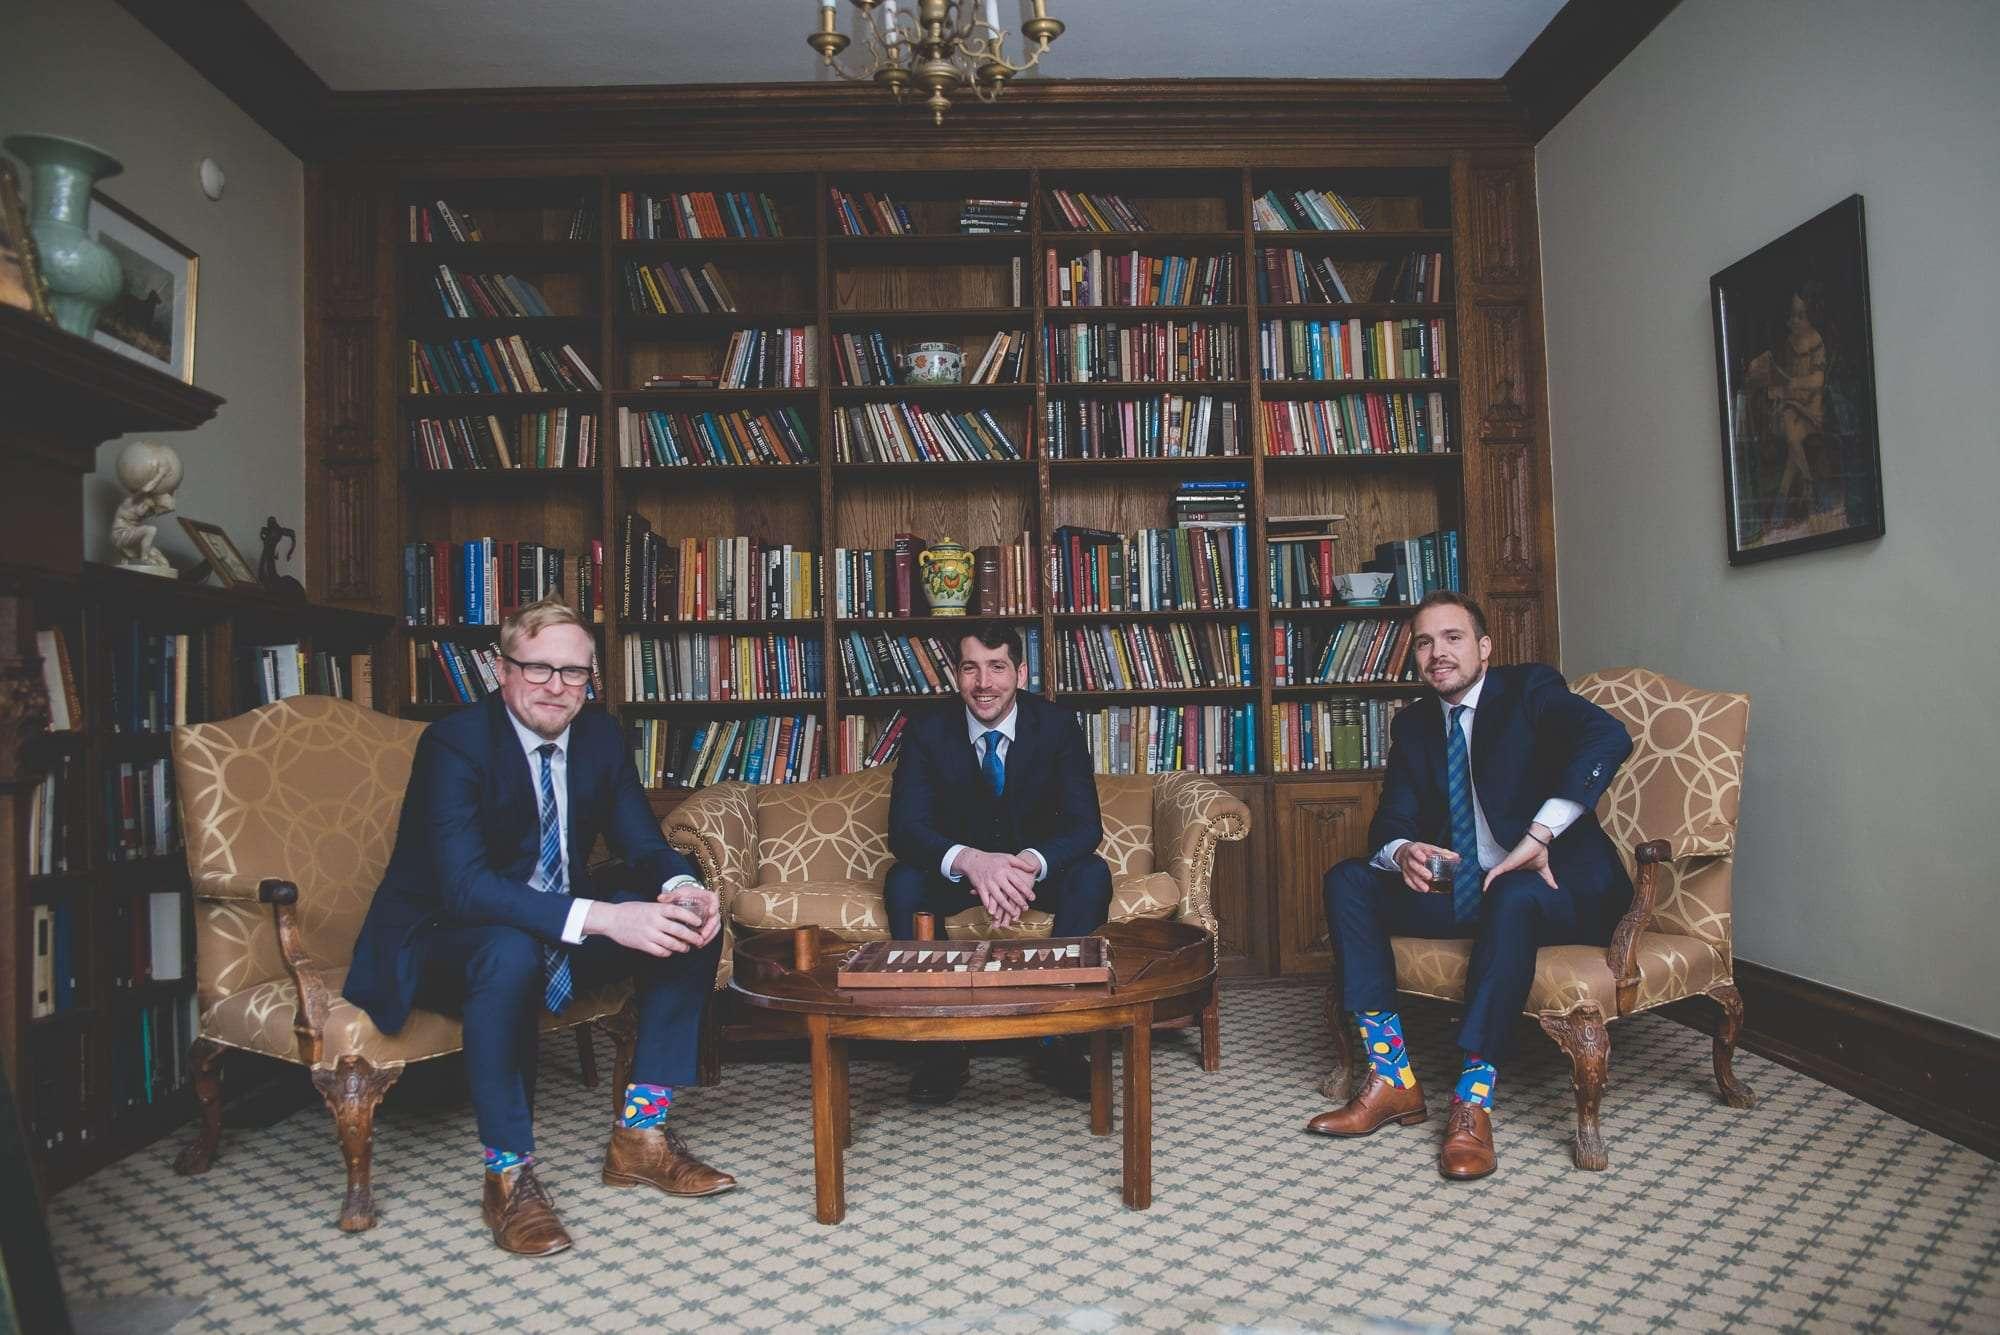 library at villanova Inn wedding photos